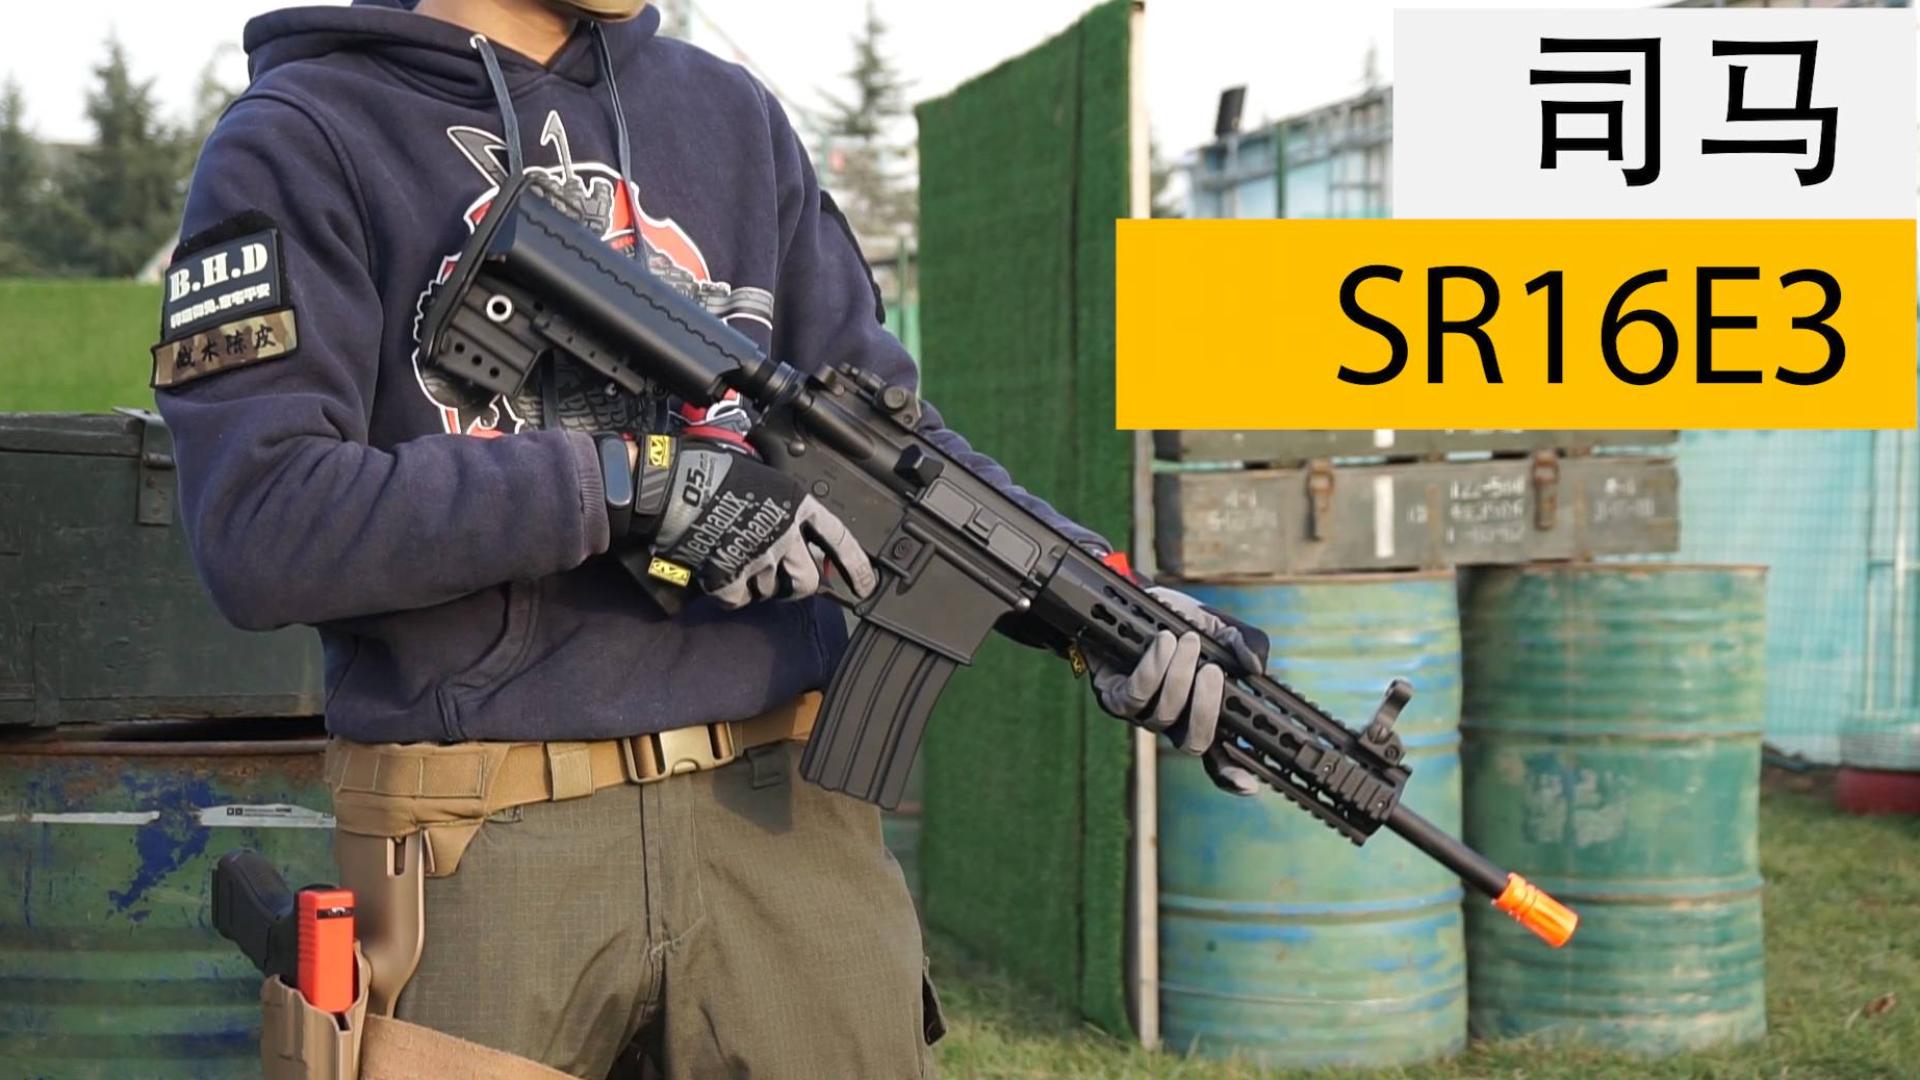 【战术陈皮】司马sr16e3水弹玩具简评丨我挺喜欢的一只发射器